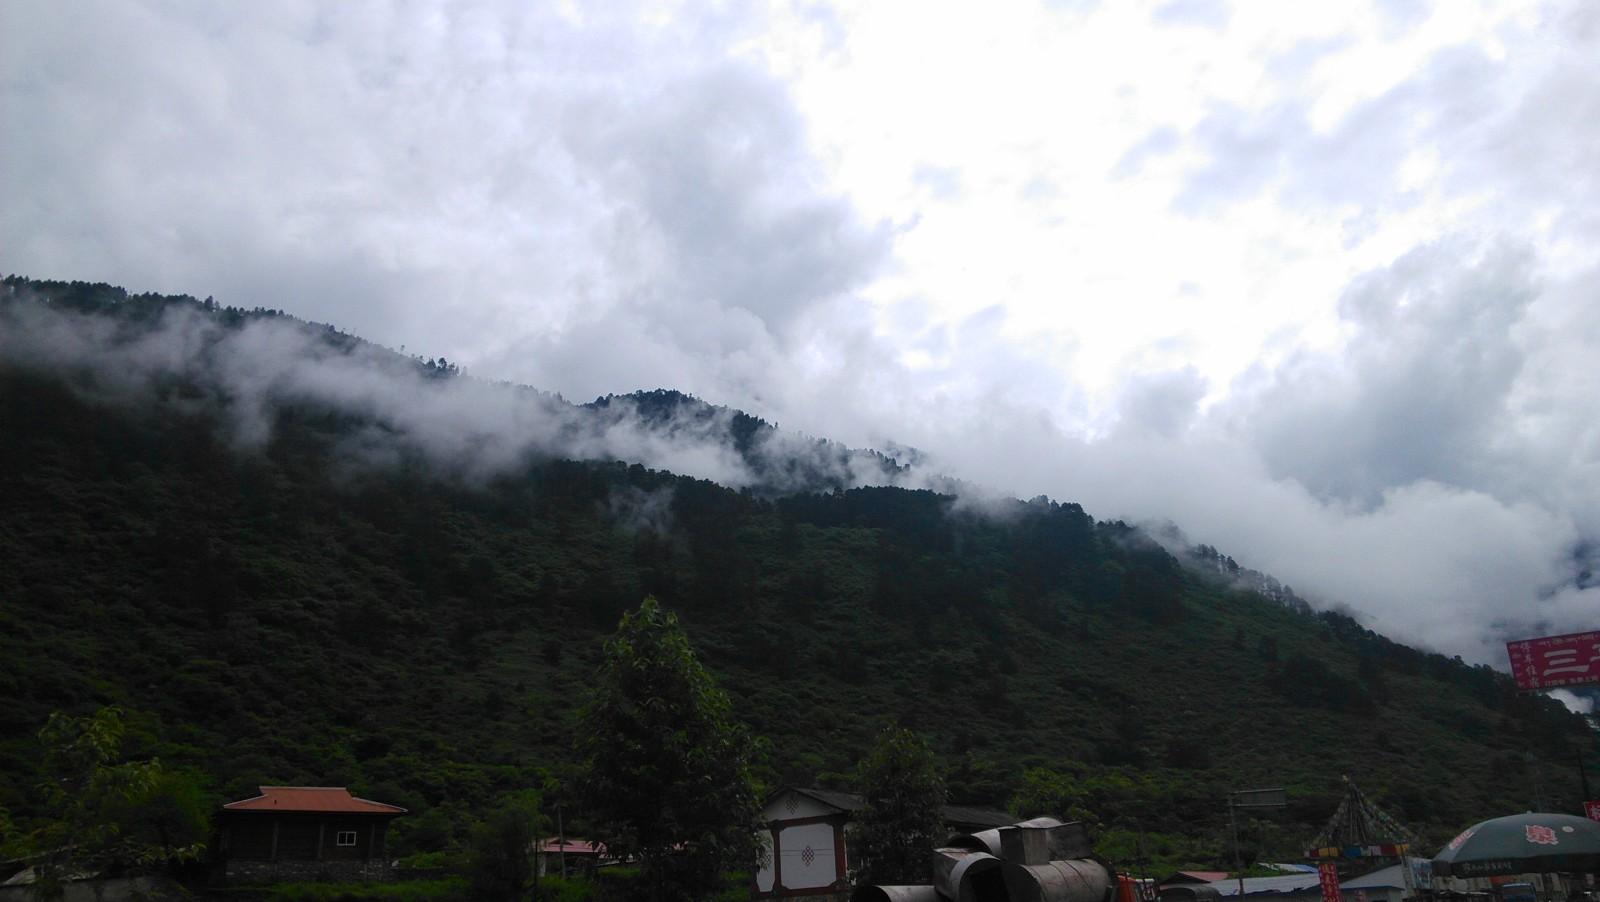 雨季就是这样,云雾缭绕的